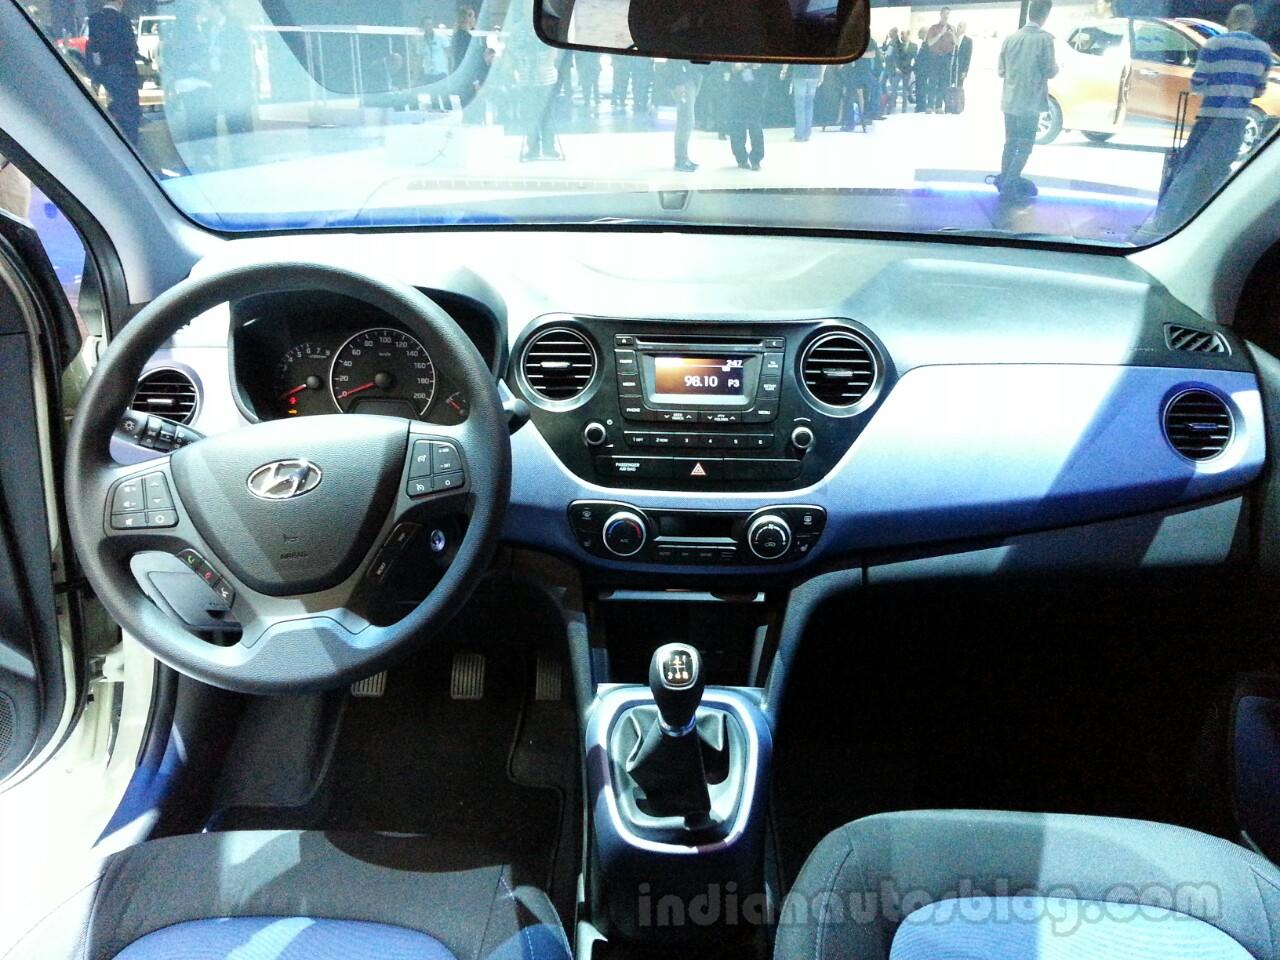 2014 Hyundai i10 Dashboard